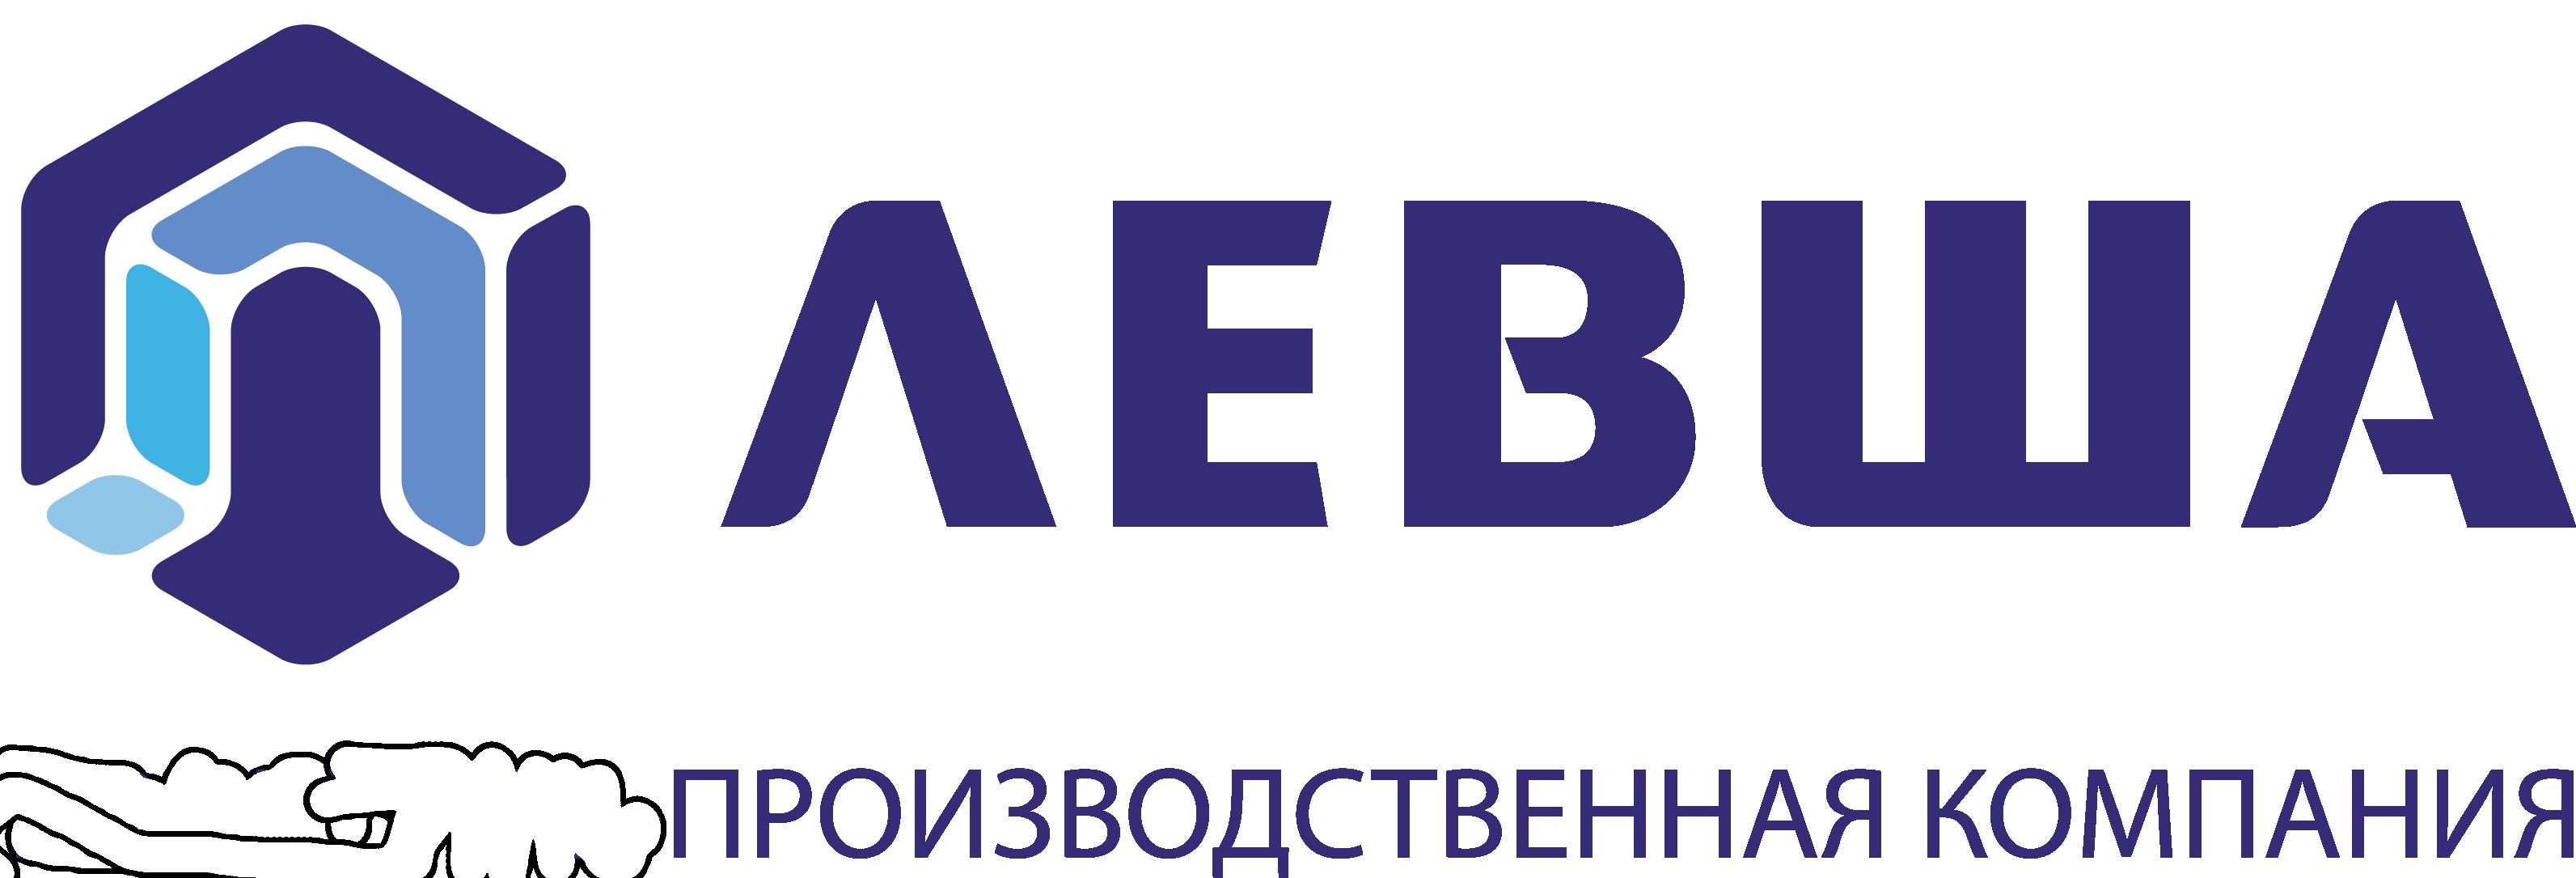 Левша – ppk-levsha.ru